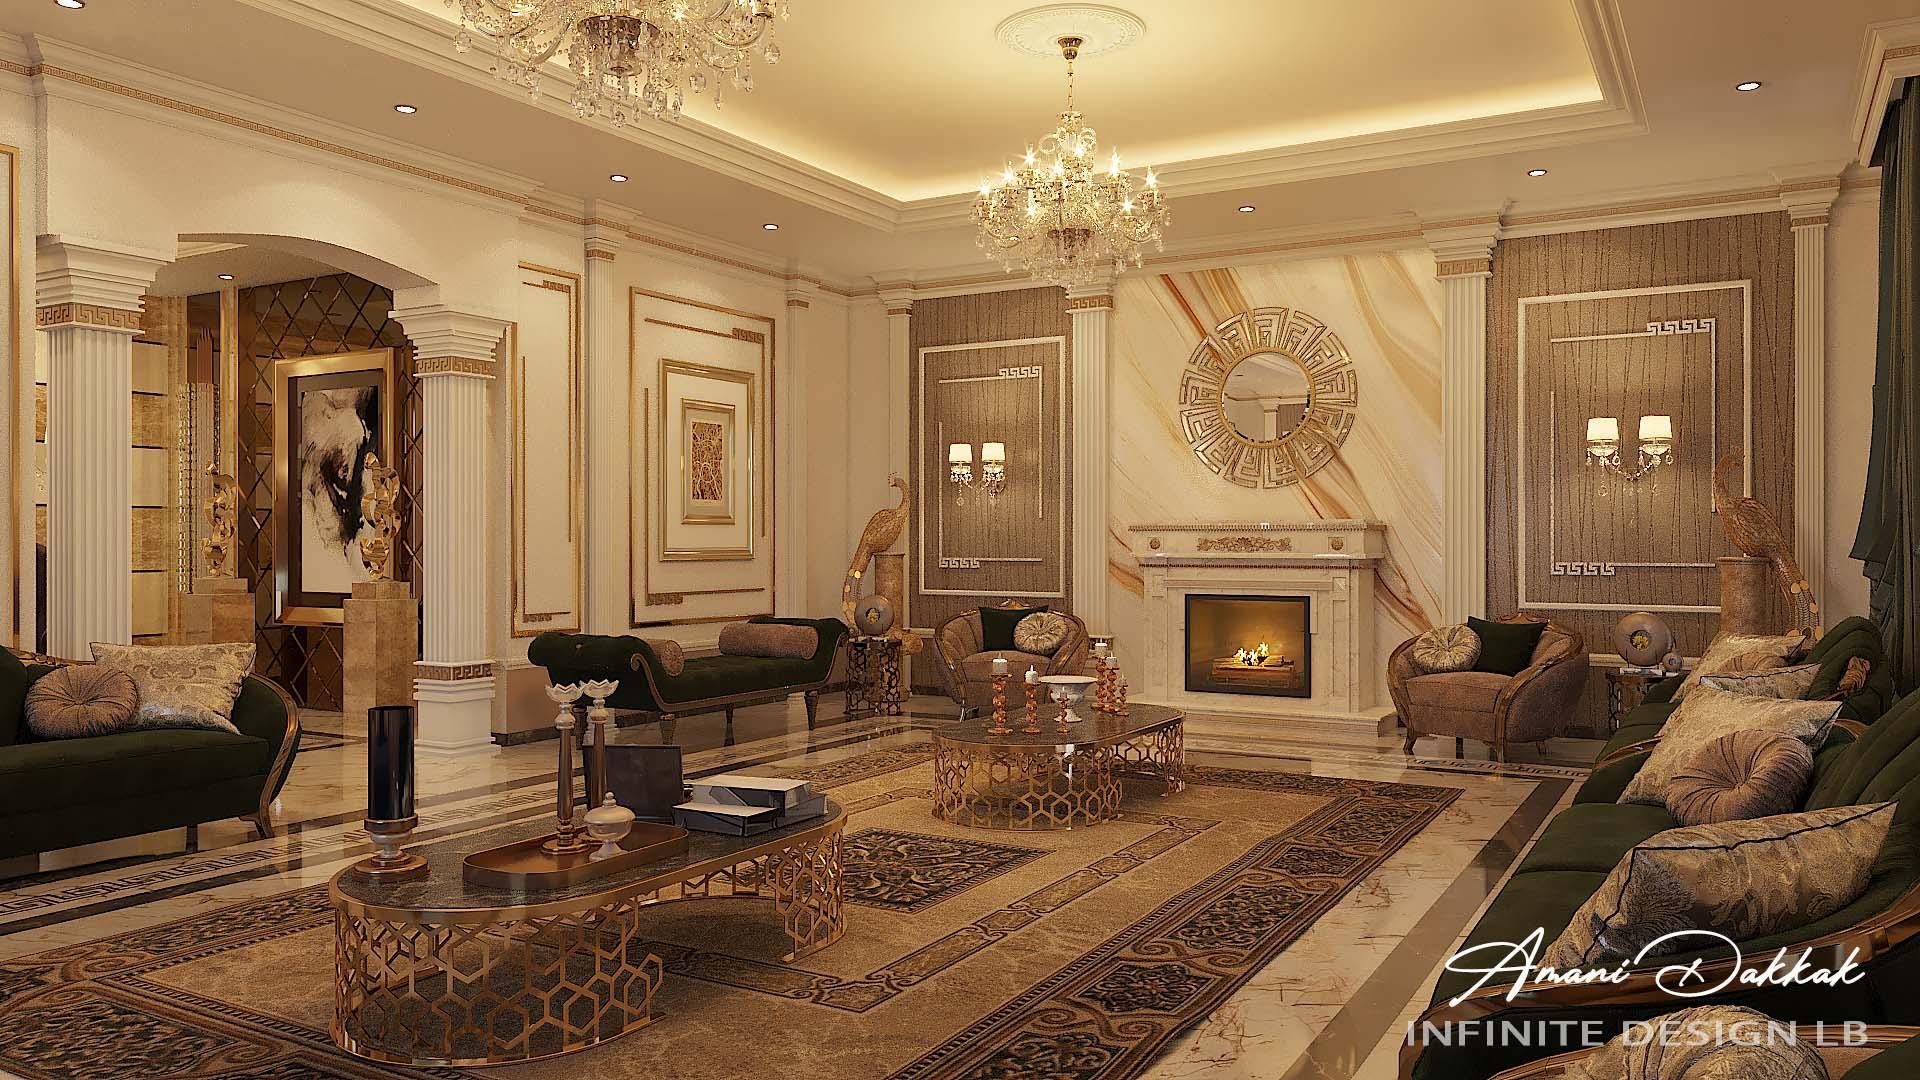 Modern Classic Home Interior Design By Amani Dakkak